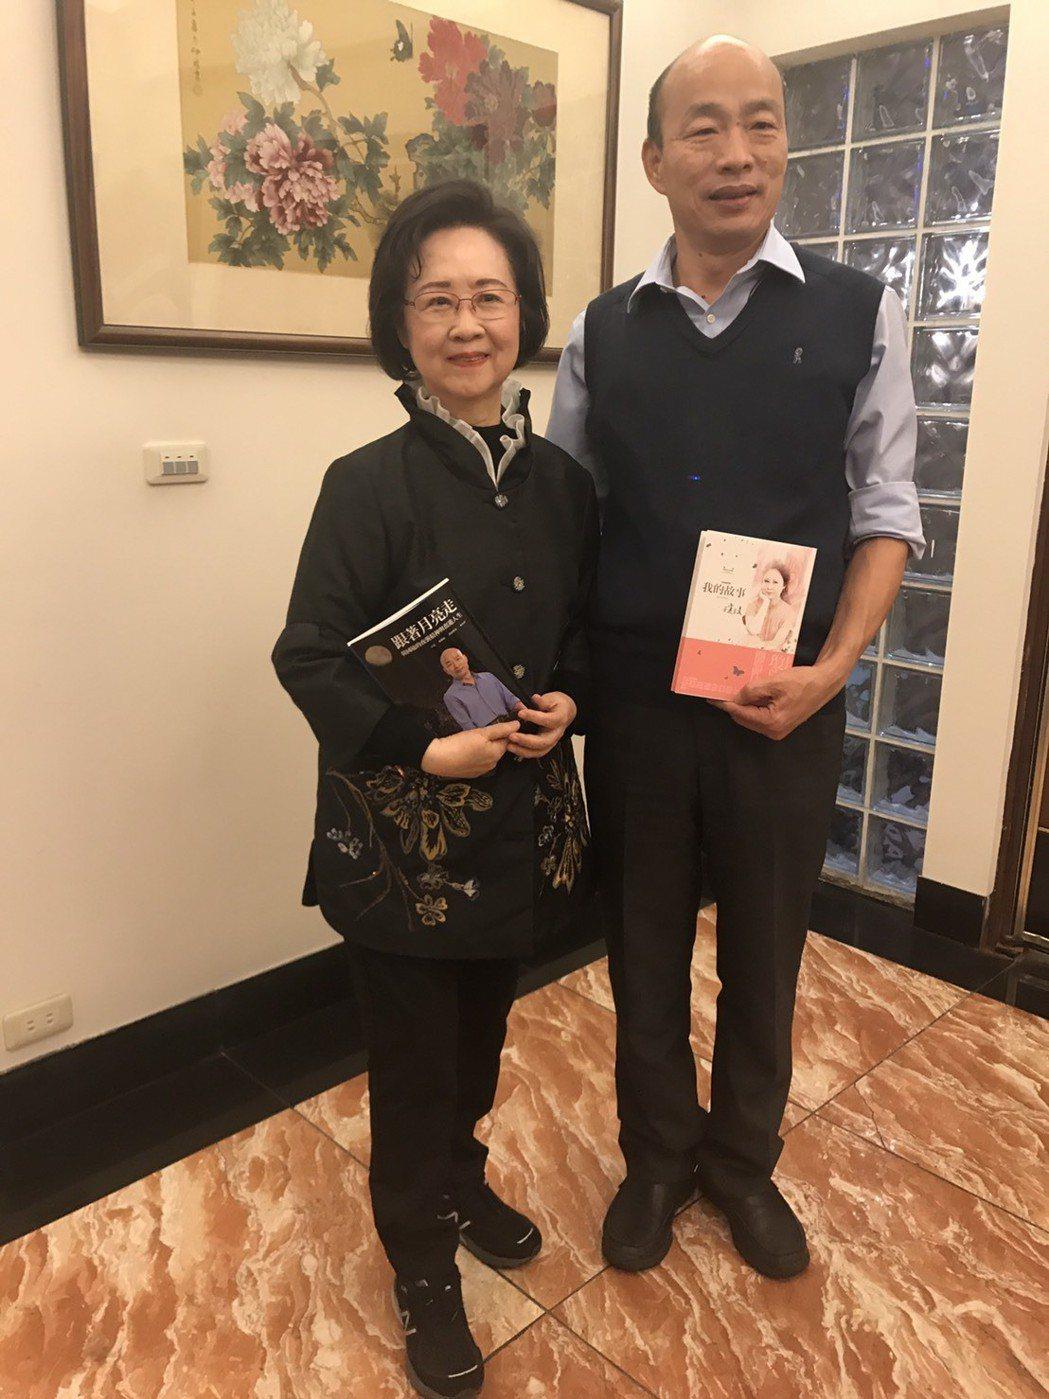 韓國瑜與瓊瑤對於推展高雄觀光有新的計畫。圖/高雄市觀光局提供